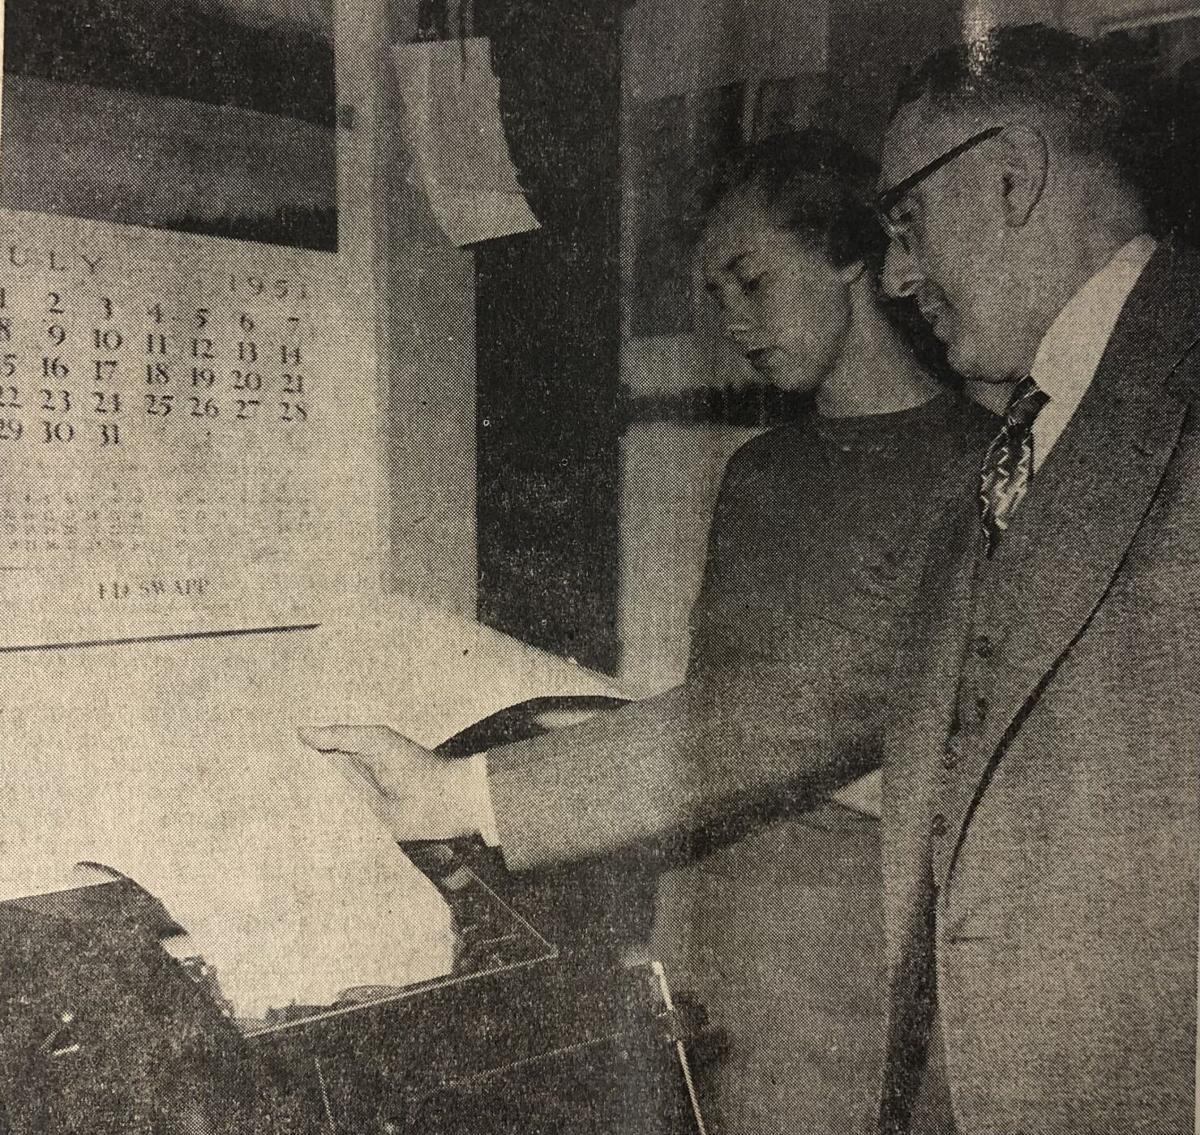 1951 AP Teletype